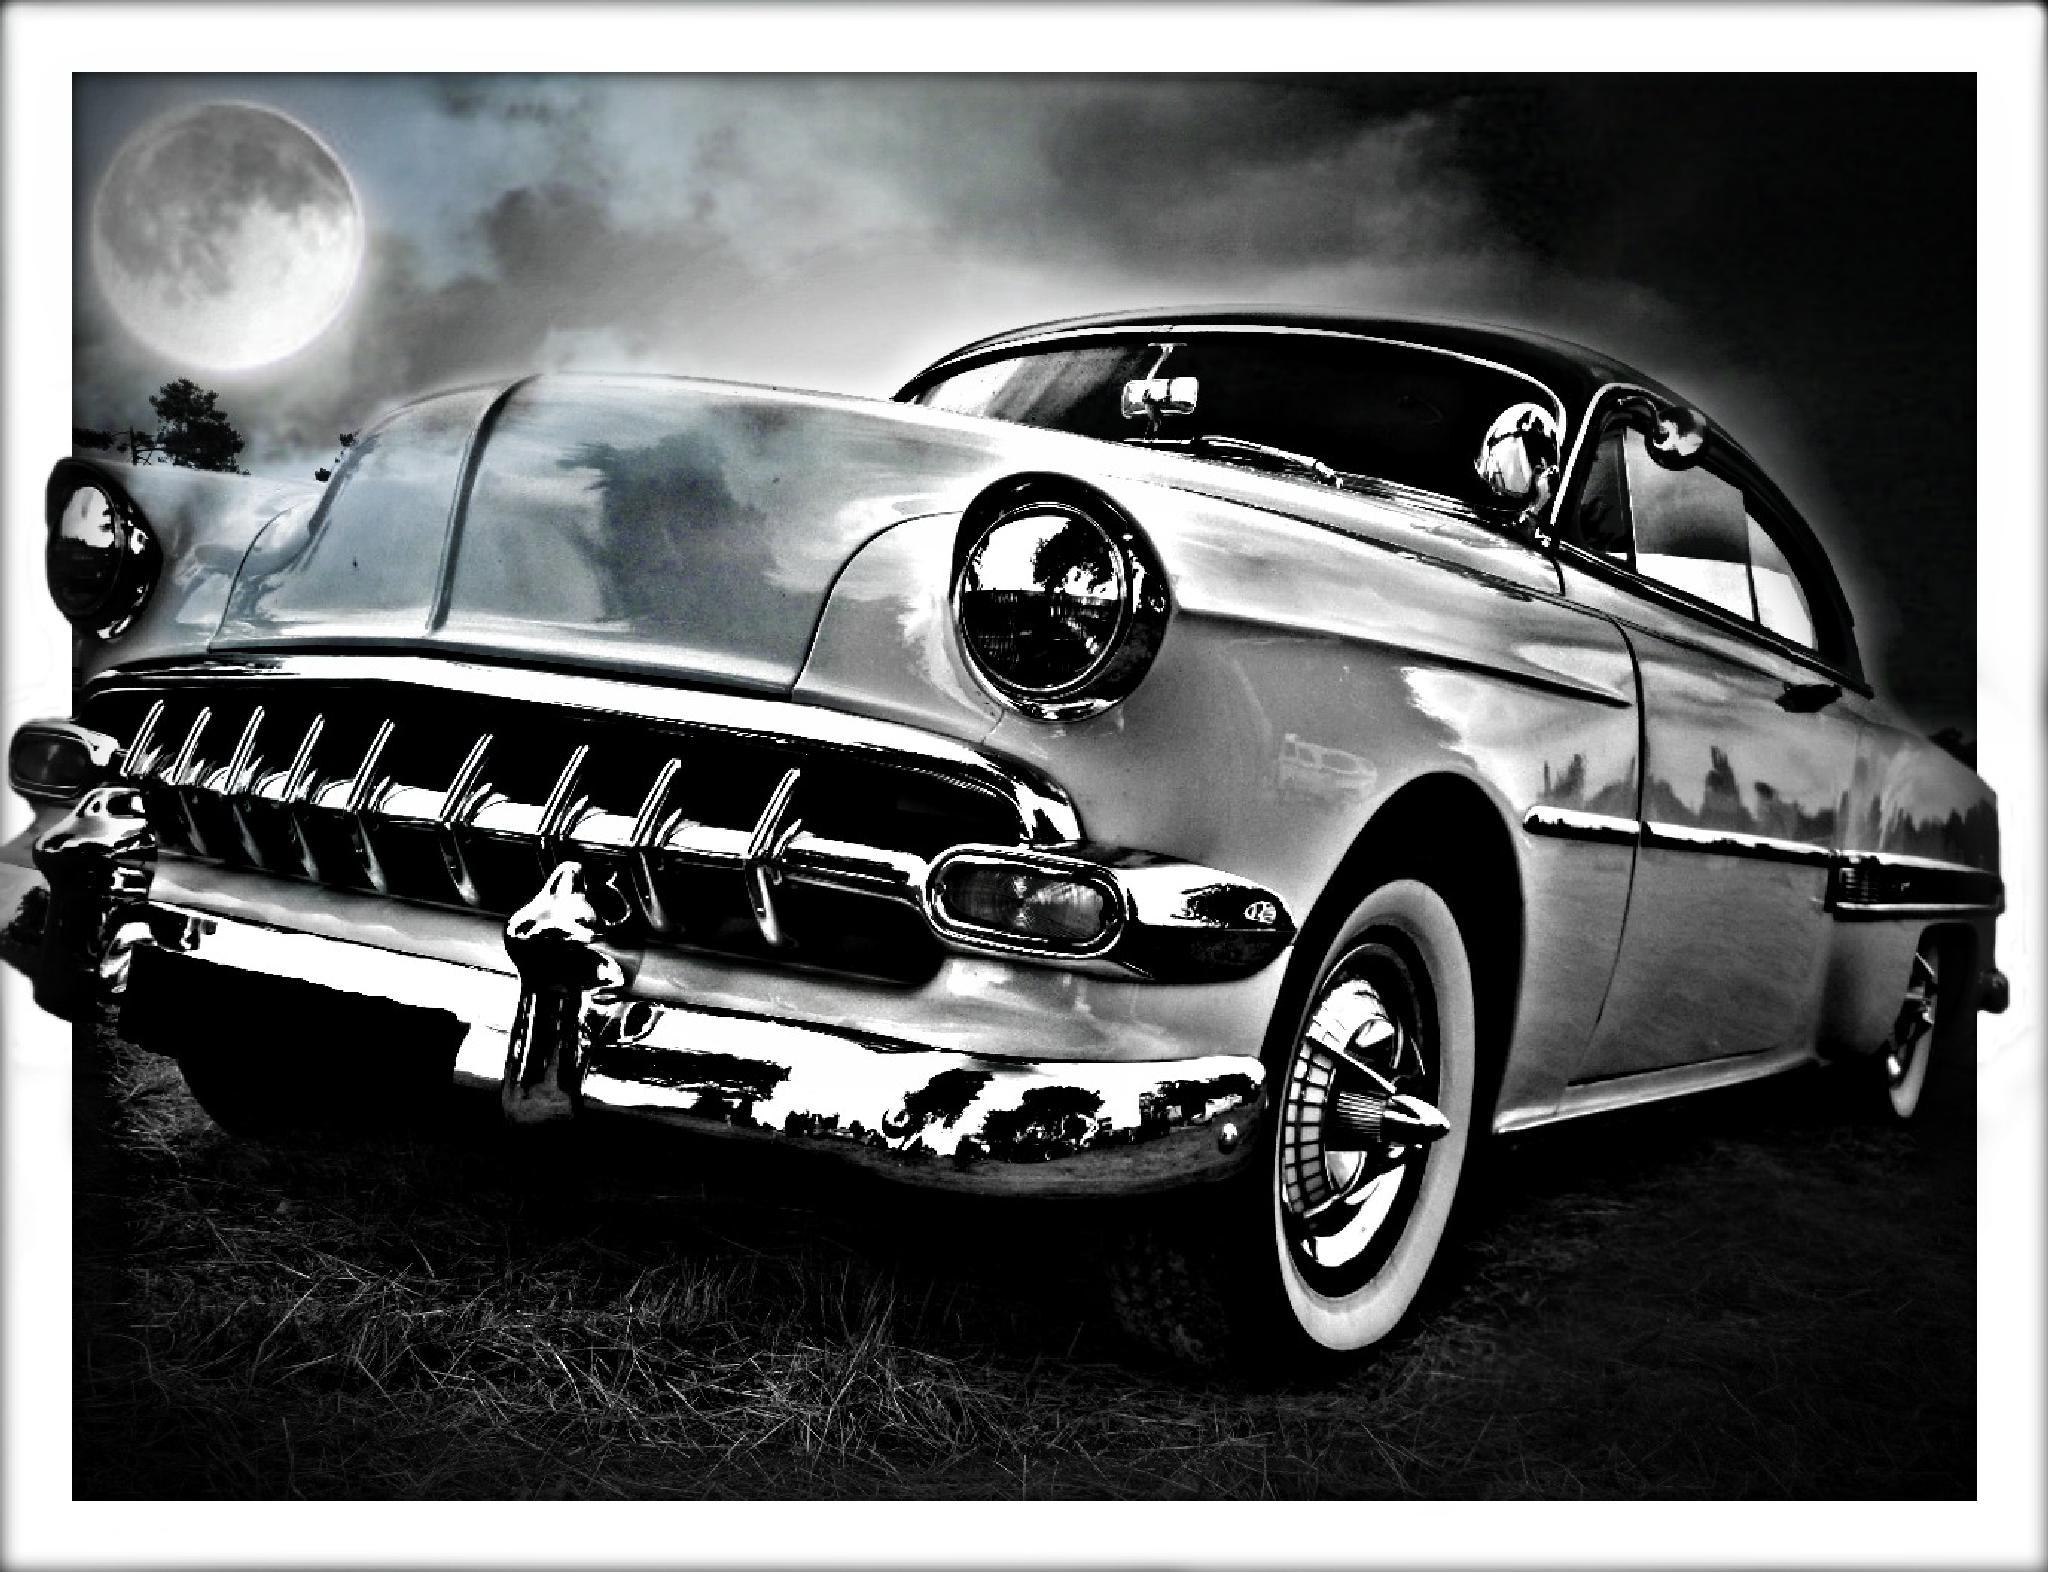 Moon vs Car by rollnstef